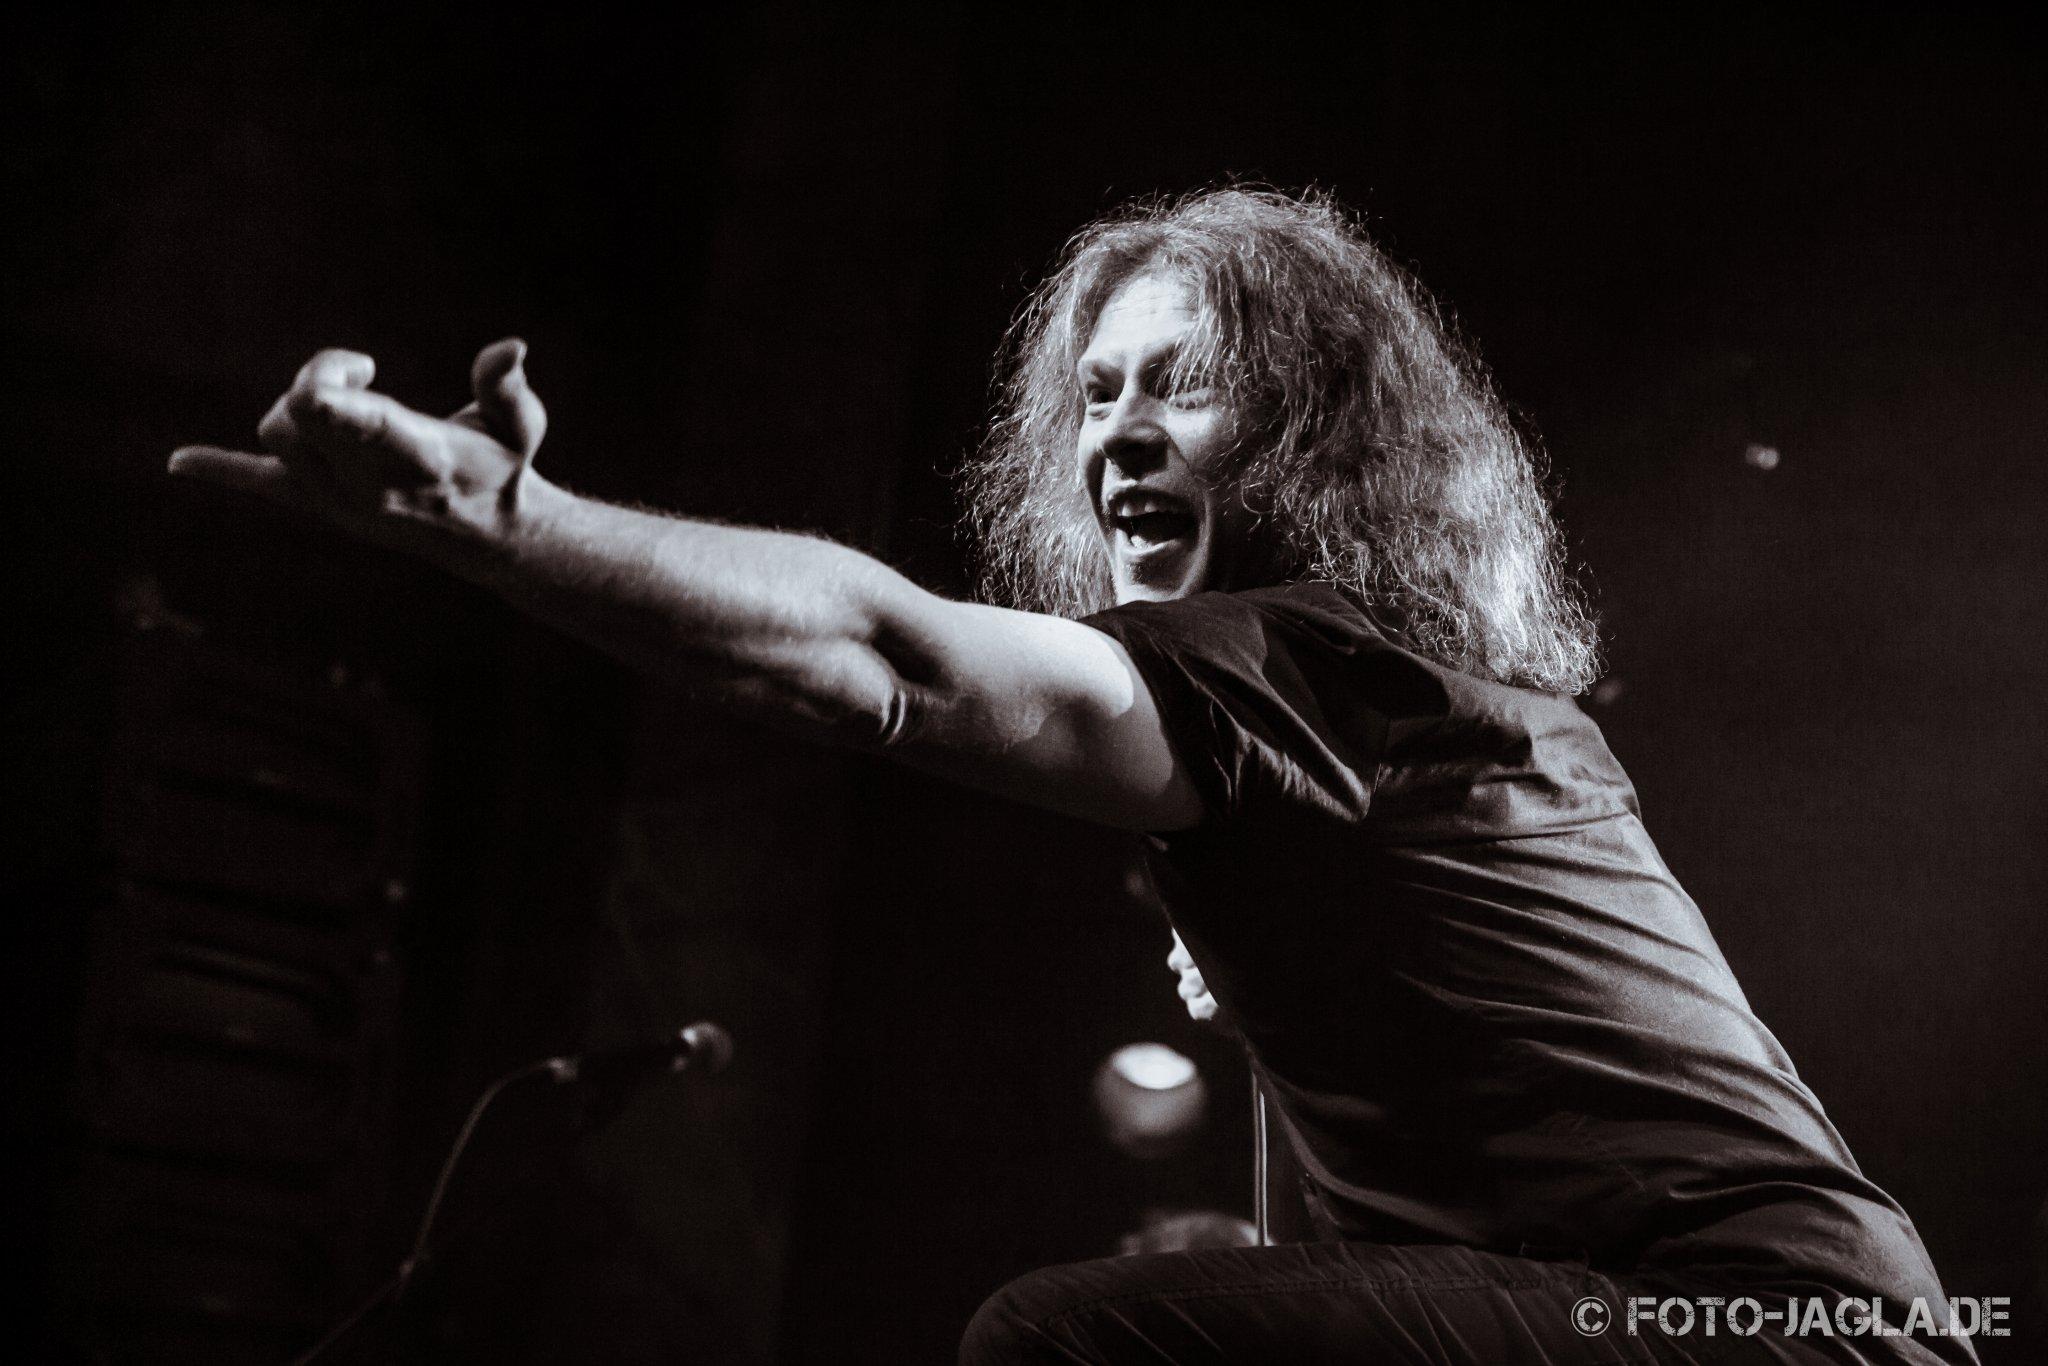 Omnium Gatherum als Vorband auf dem Ensiferum Konzert am 28.03.2015 im Tivoli in Bremen